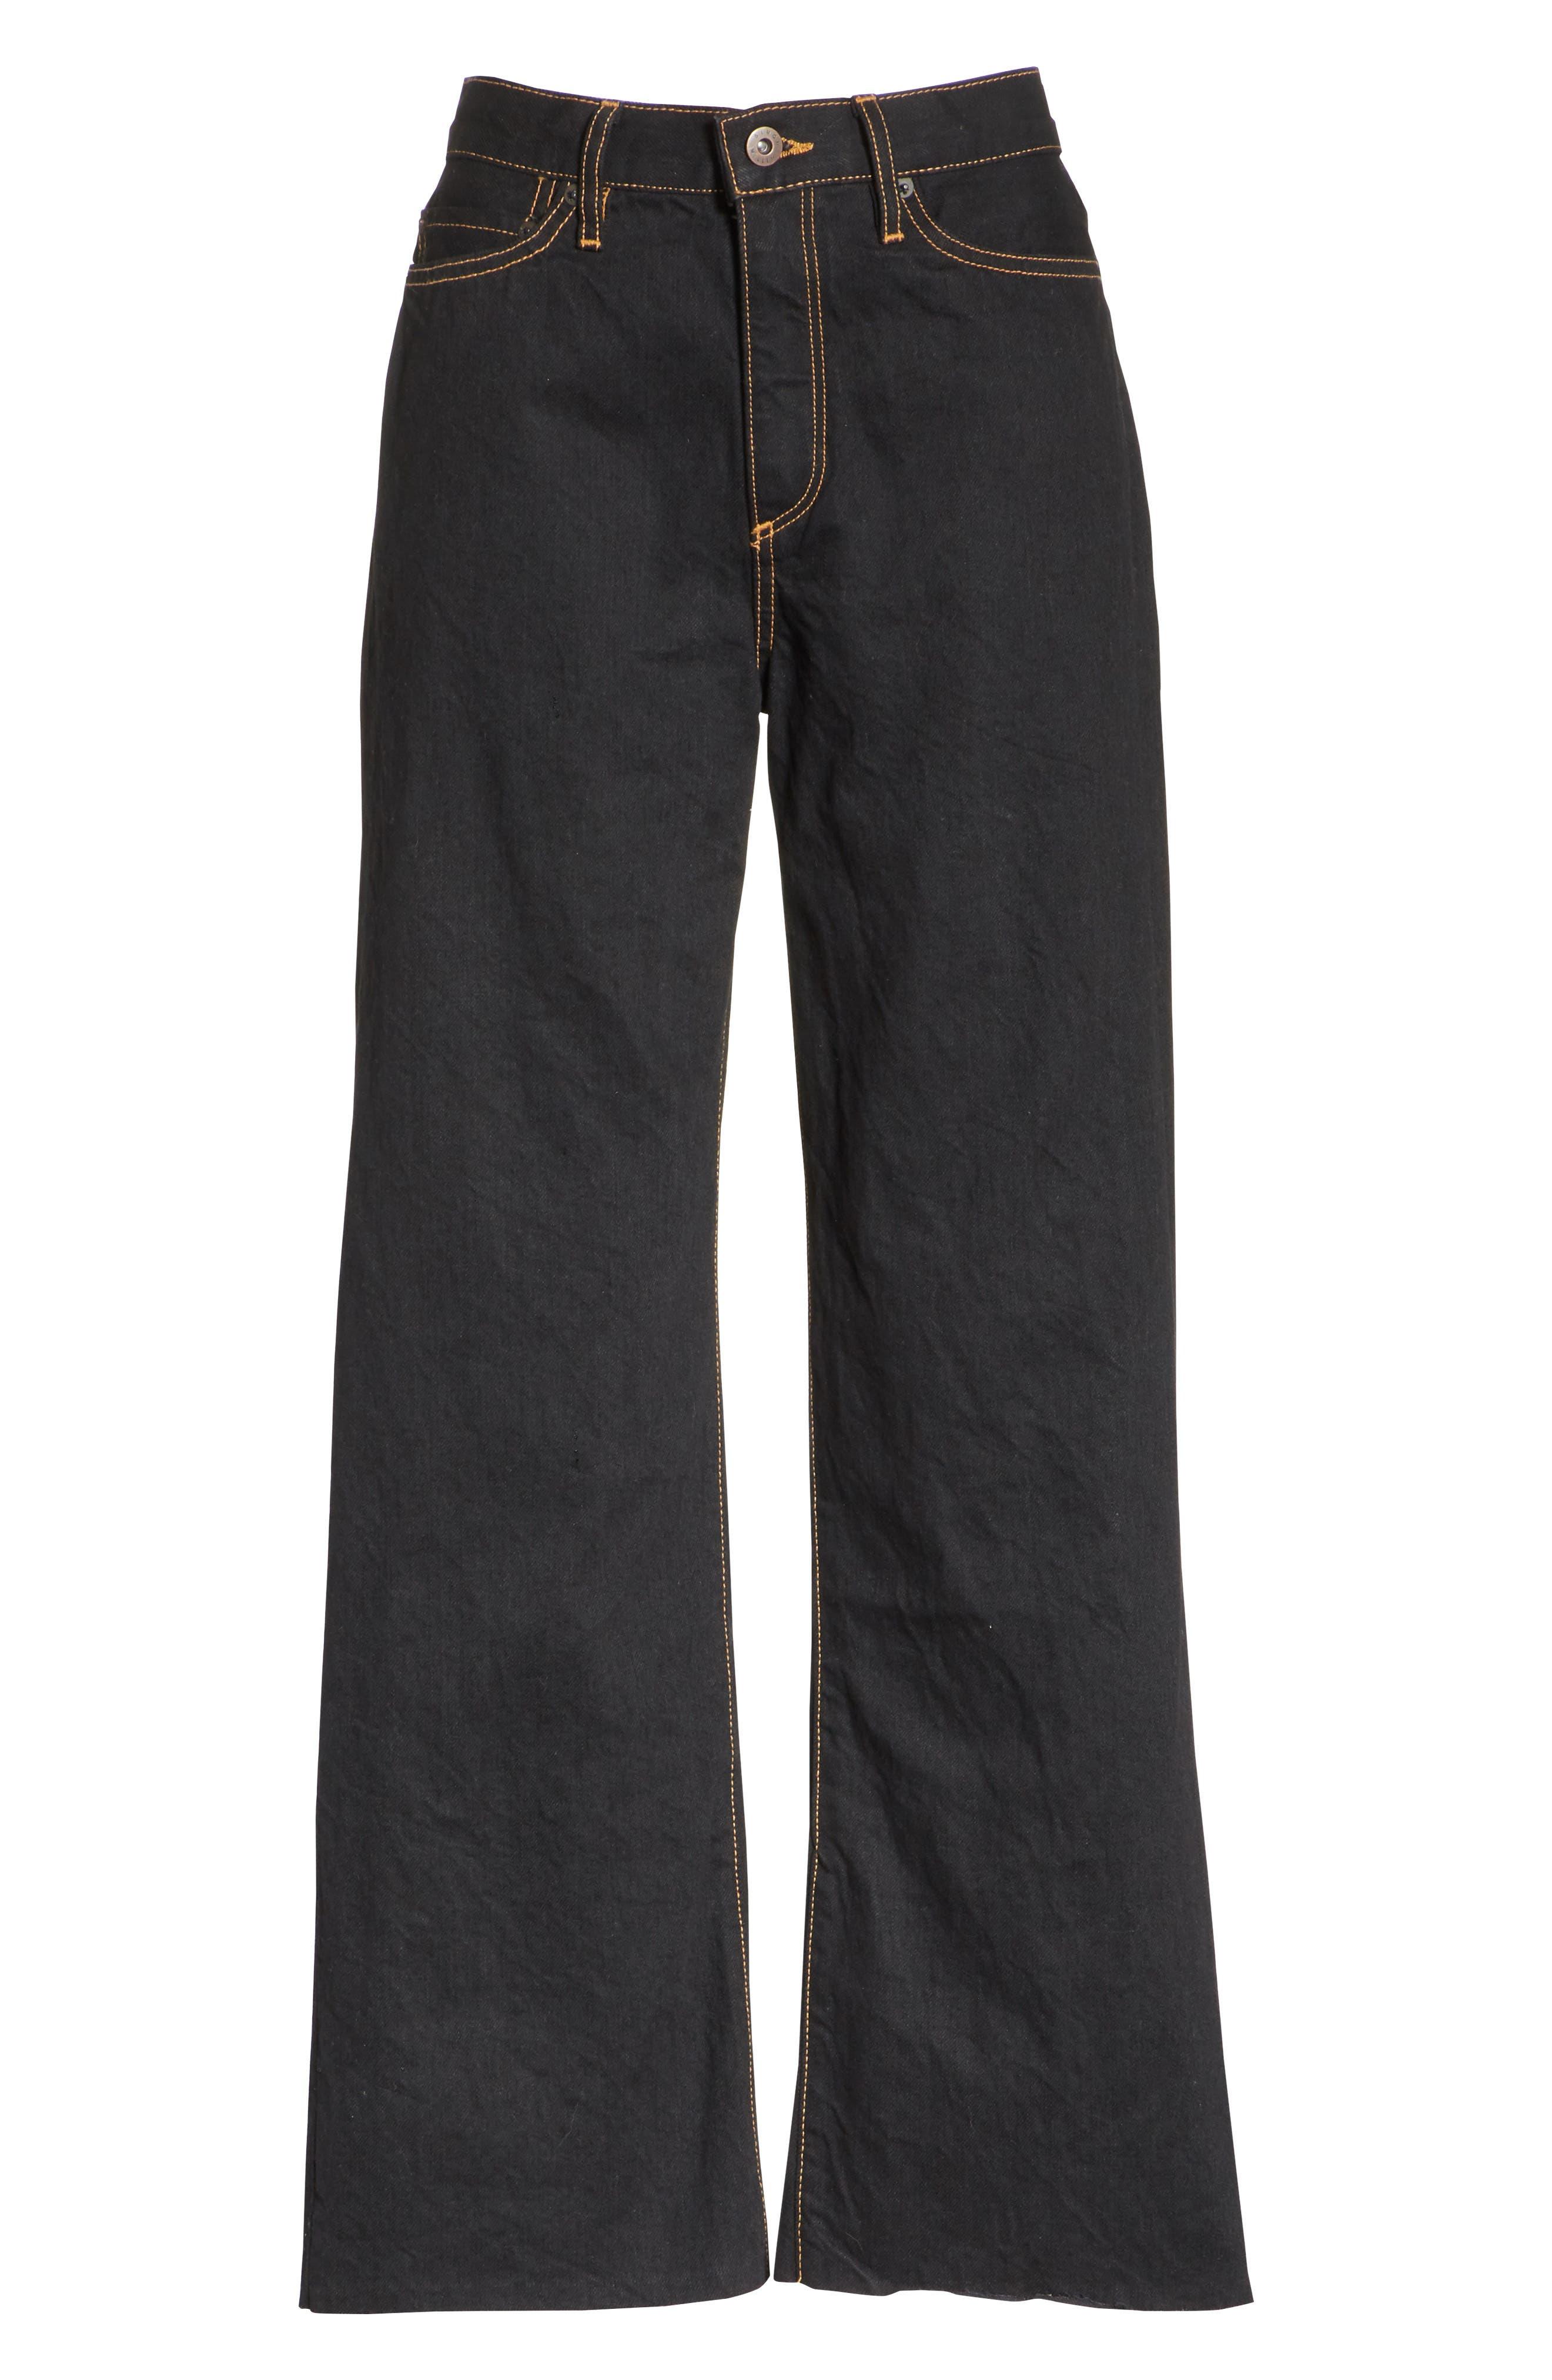 Dever Contrast Stitch Wide Leg Jeans,                             Alternate thumbnail 6, color,